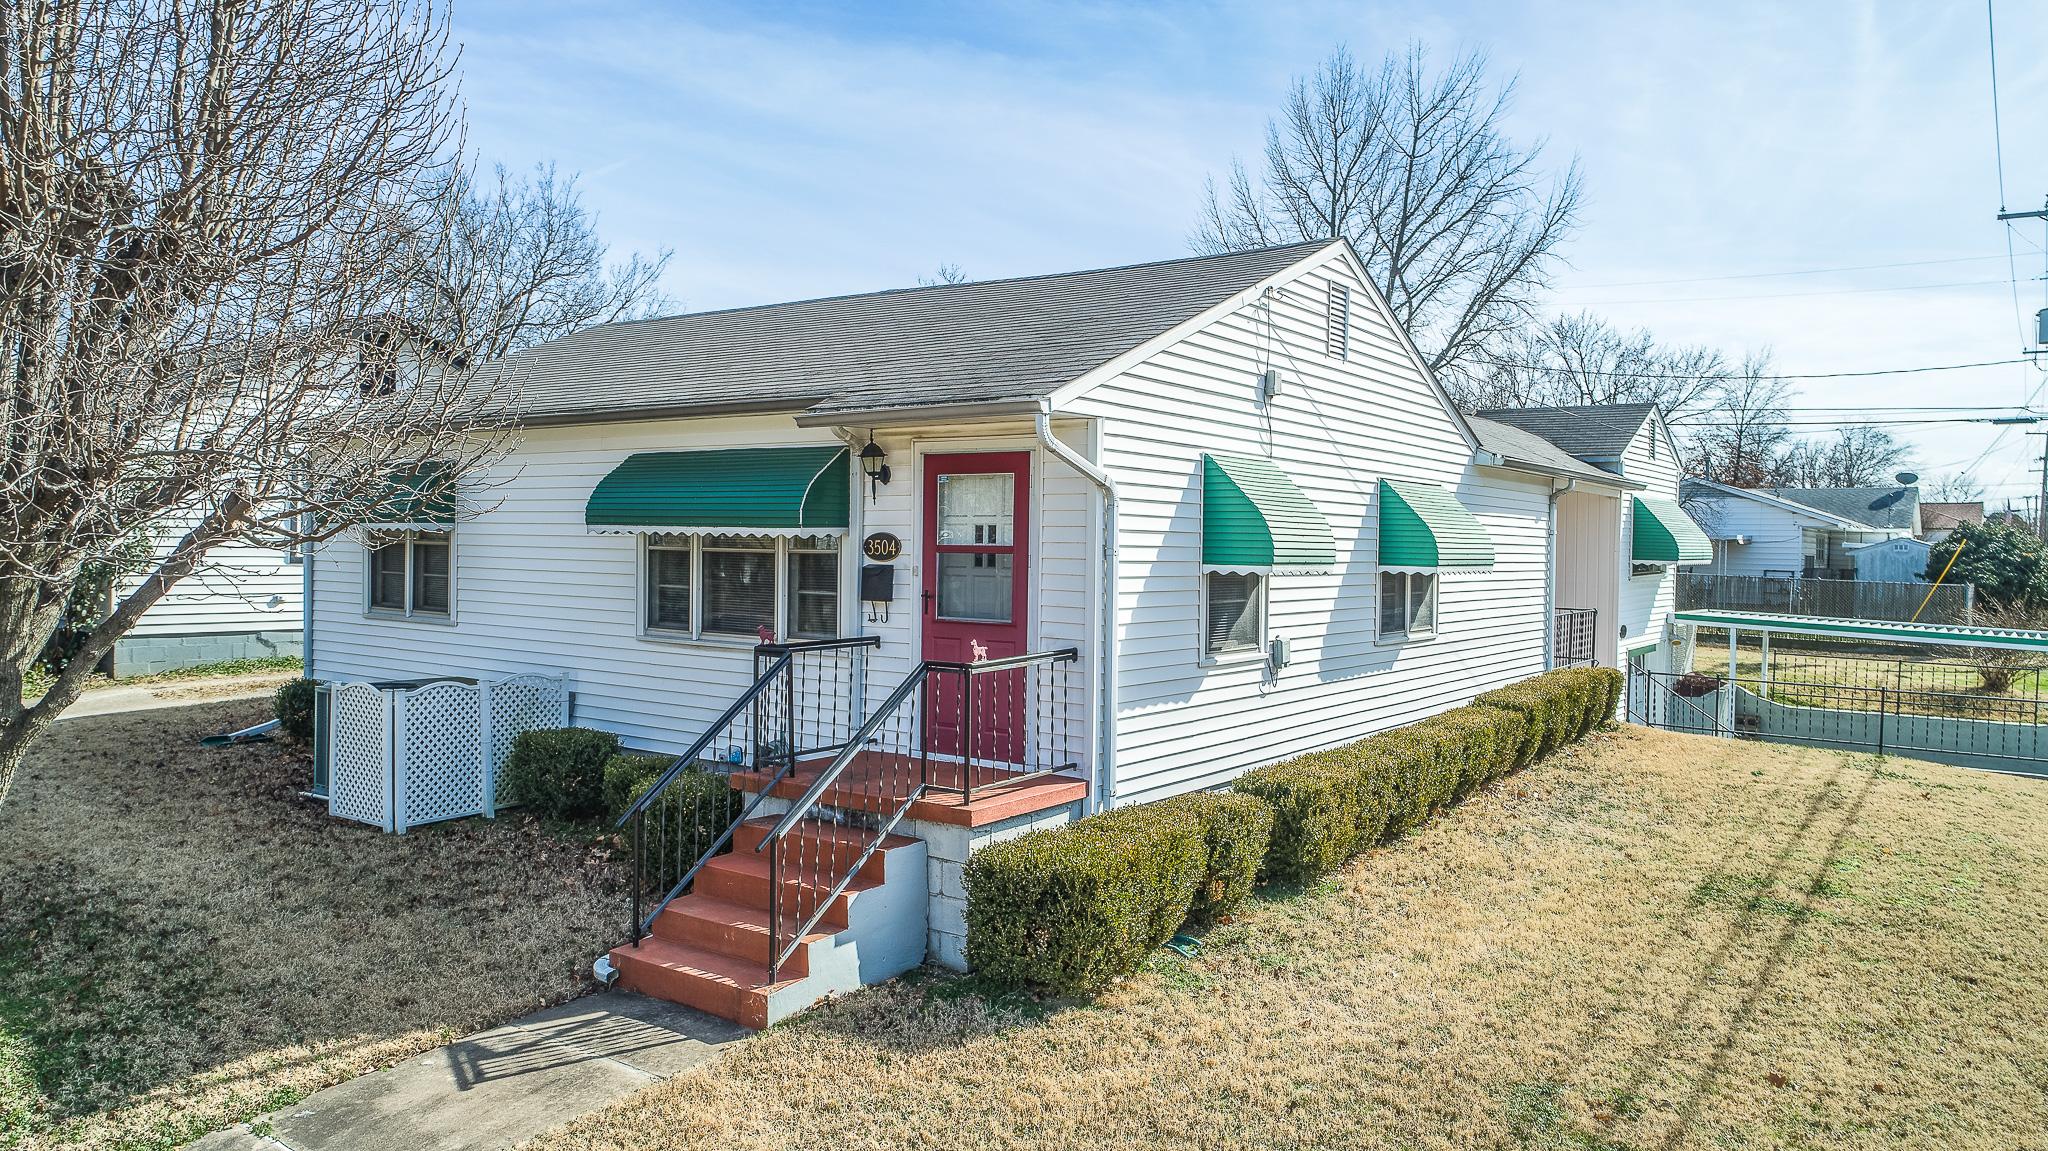 3504 E 29th St - Tulsa, OK - $127,900